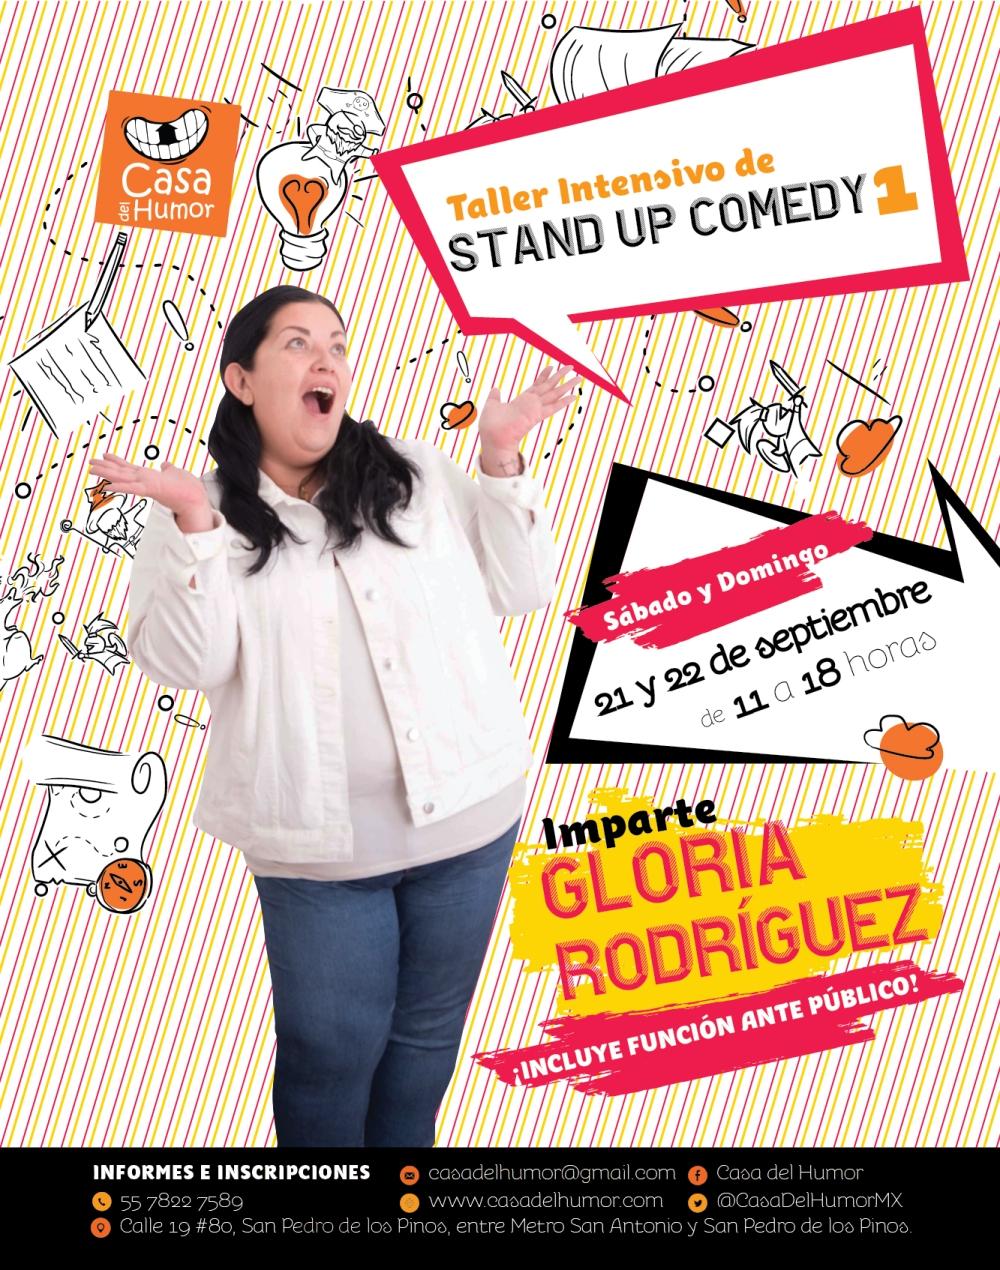 Casa_del_humor_standup_intensivo_gloris_rdgz-01